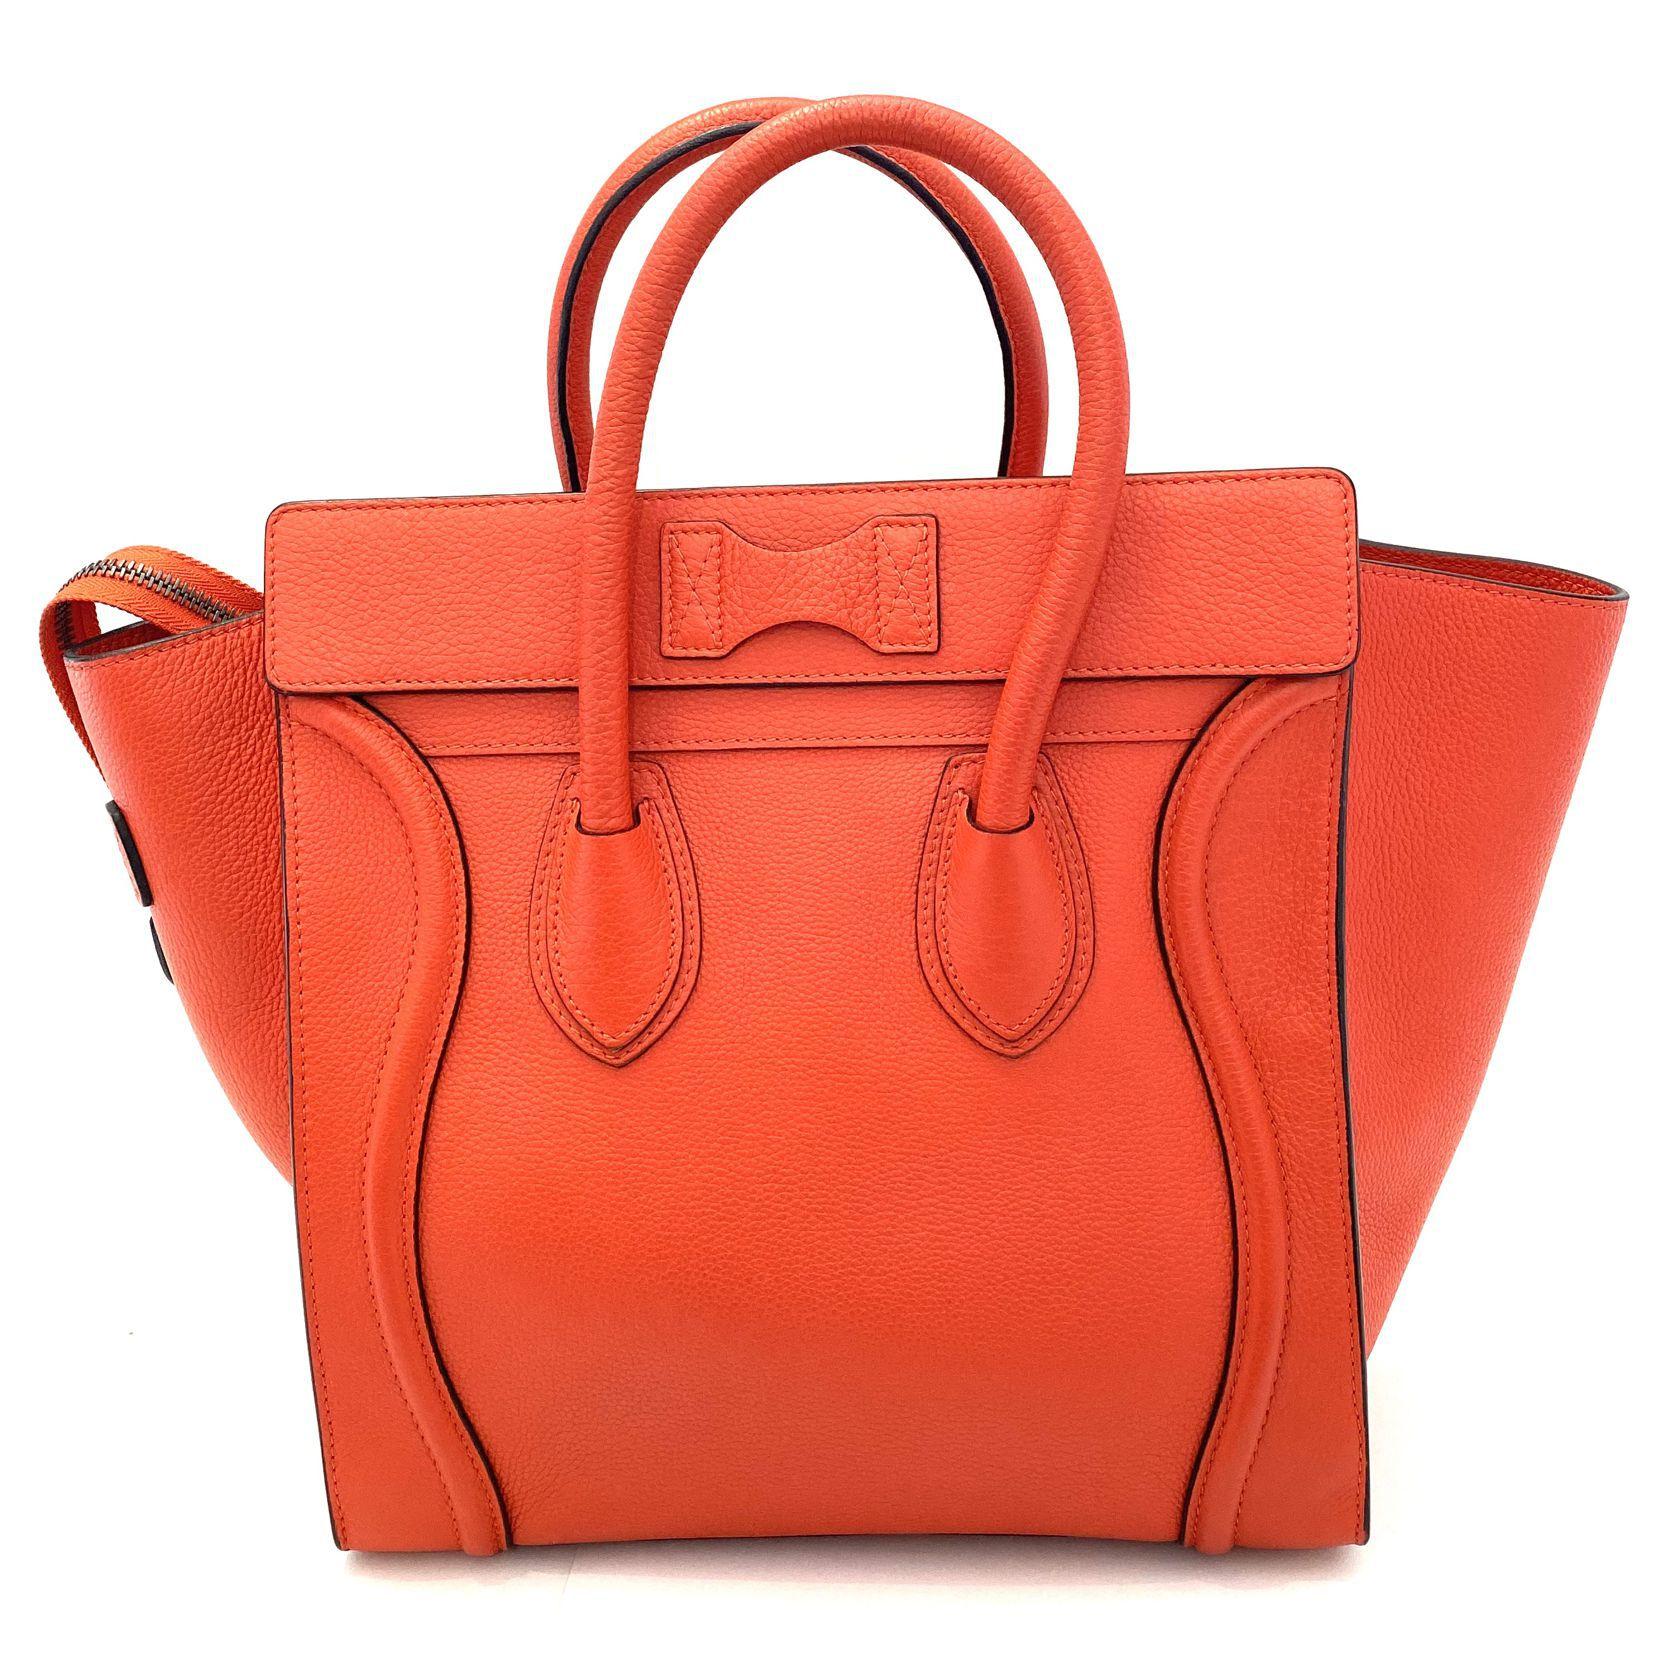 Bolsa Celine Luggage laranja